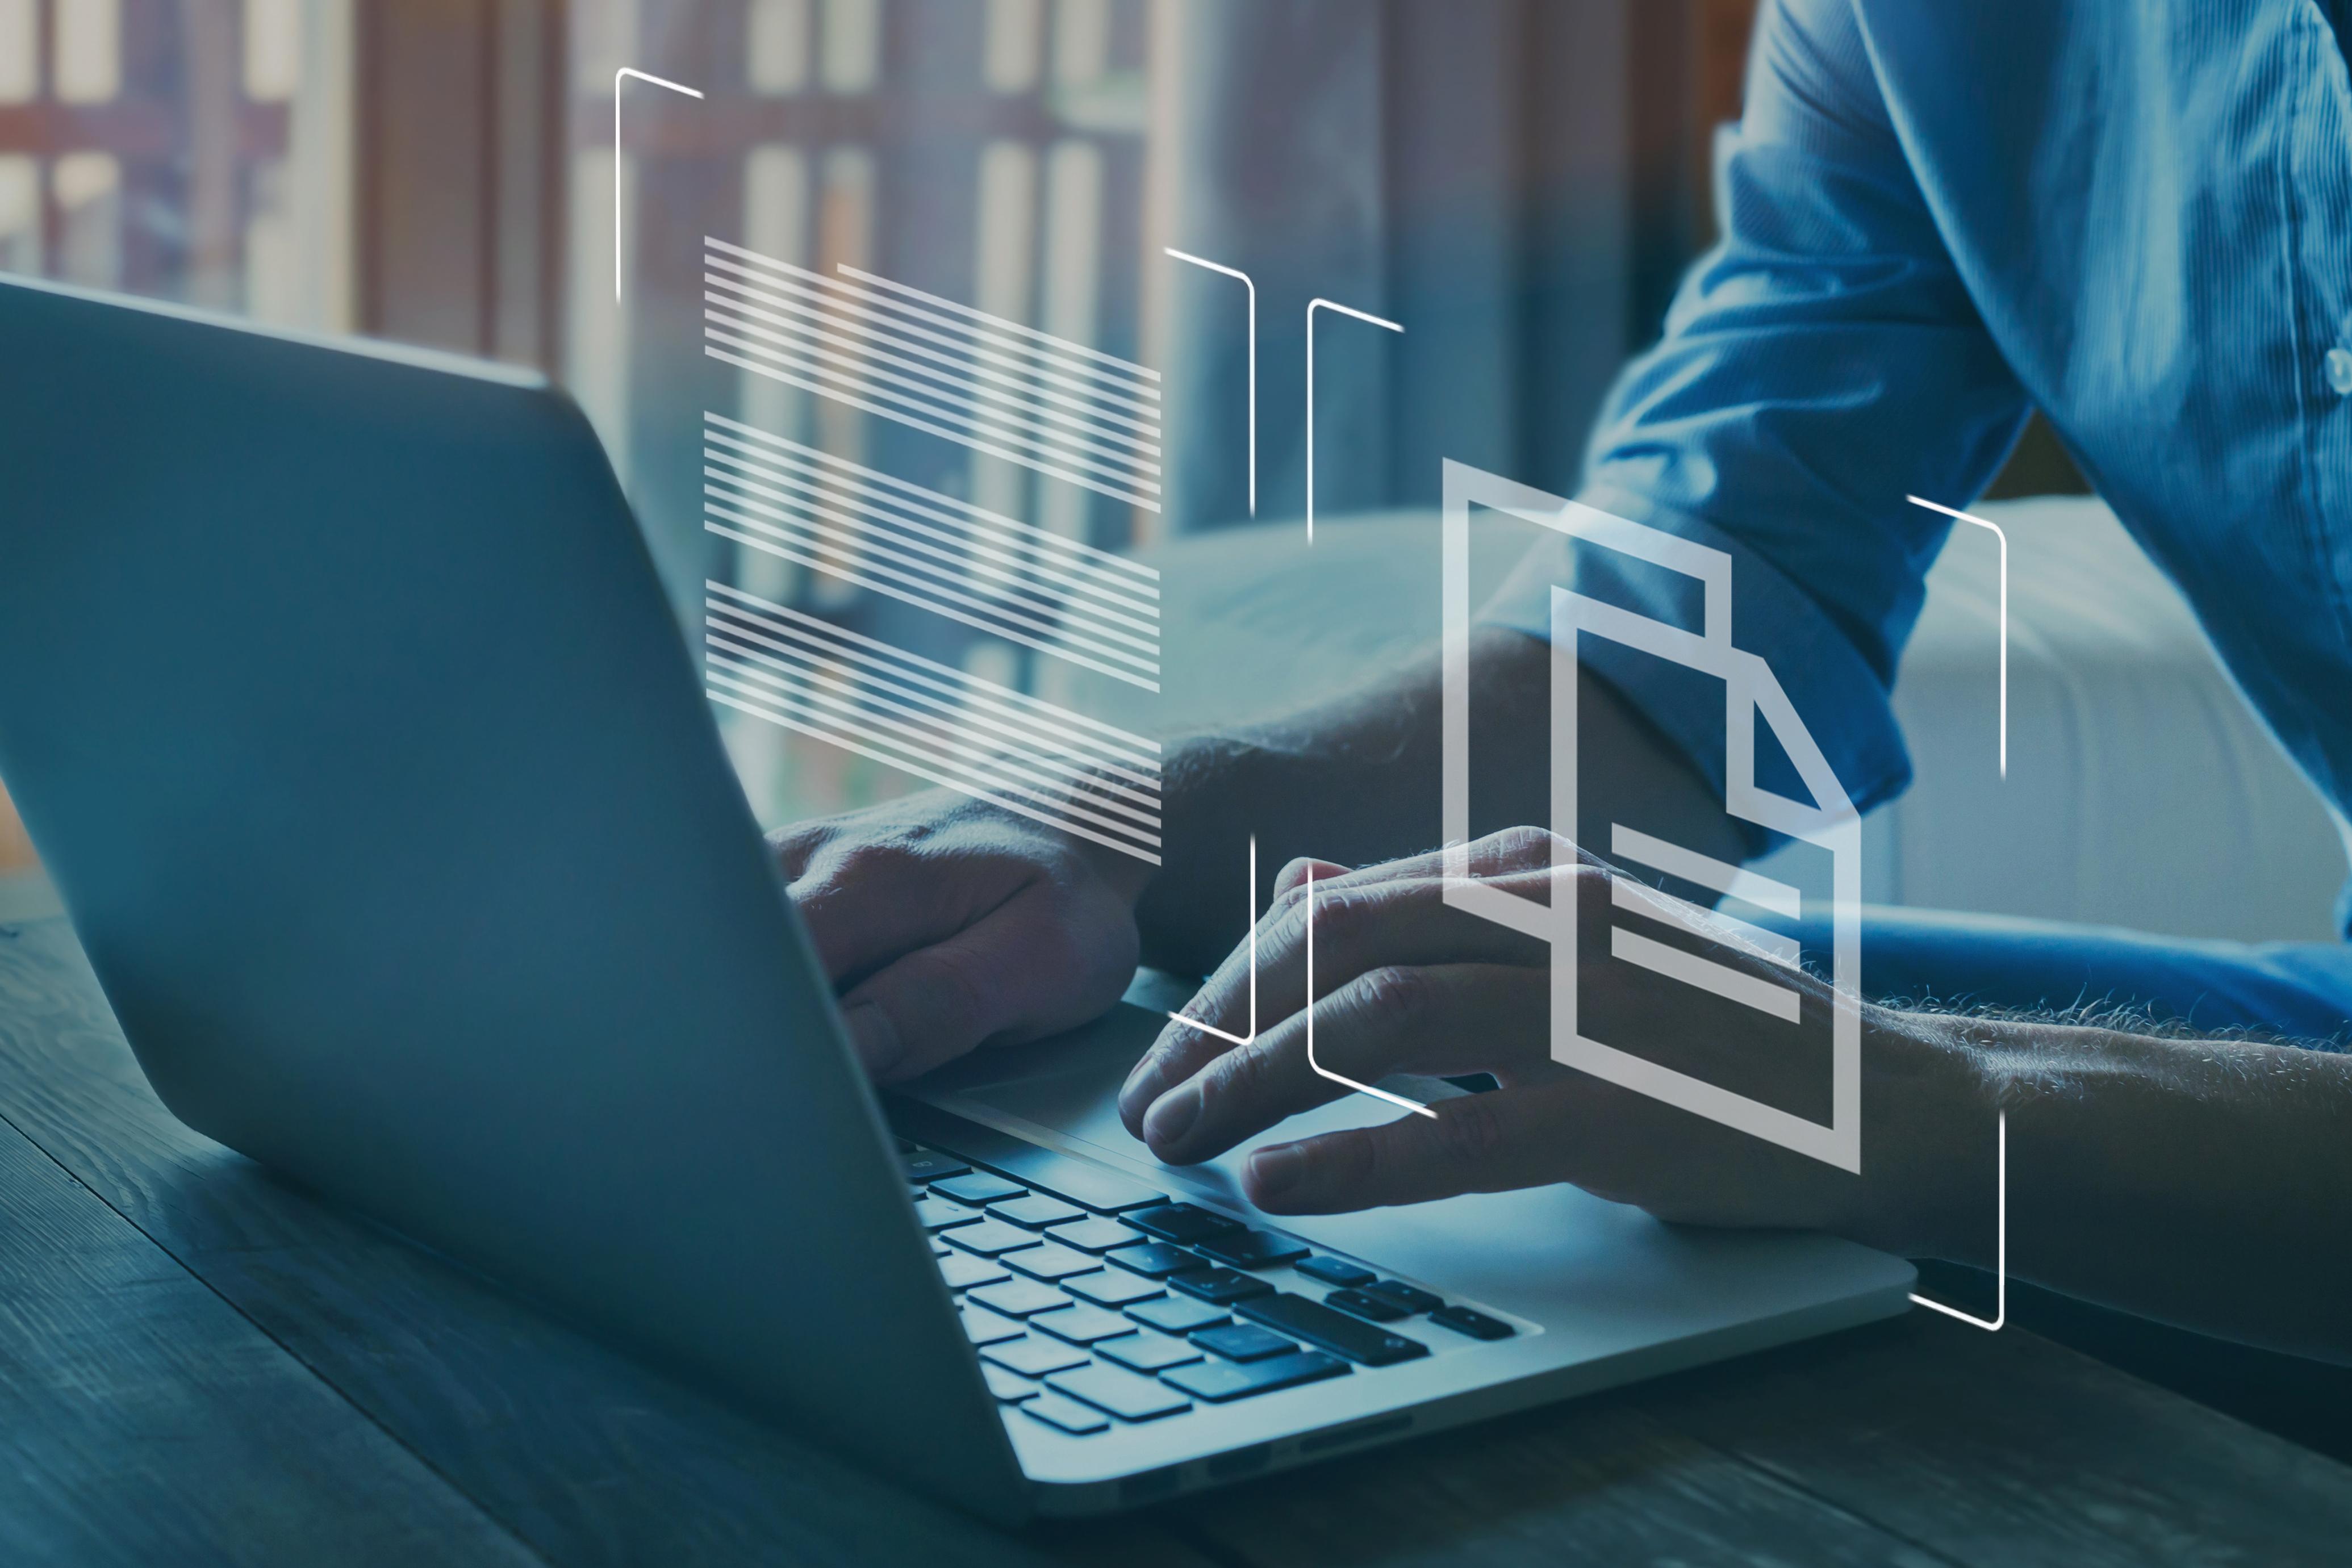 Firma WEB: come gestire la firma elettronica in modo professionale